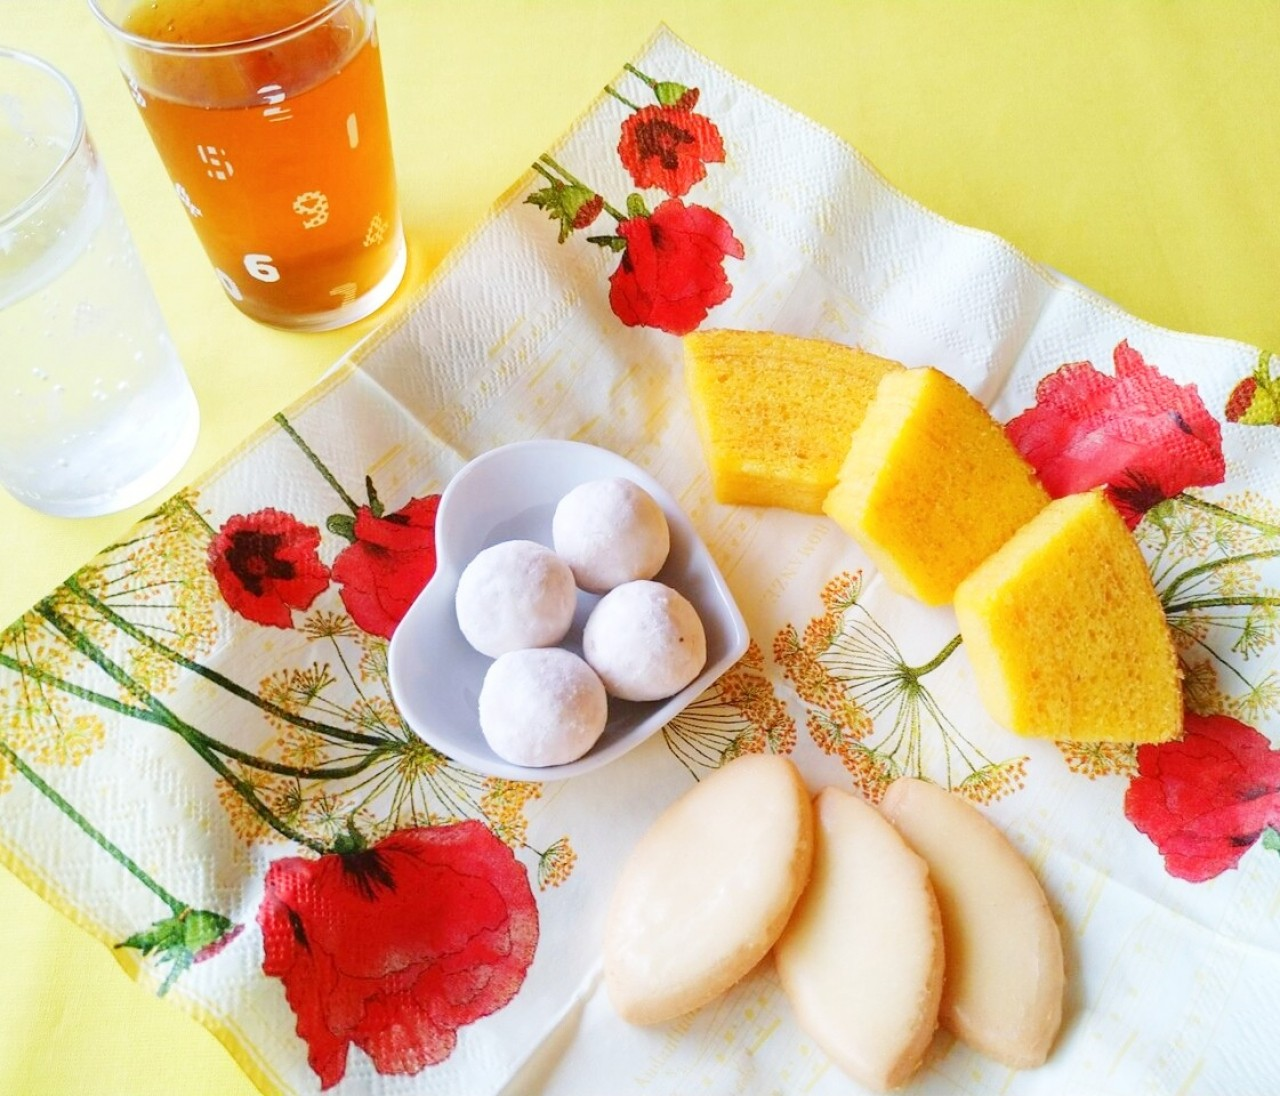 【無印良品】レモンのお菓子が人気!「レモンバウム」「サブレシトロン」「レモンのブールドネージュ」で夏の午後が優雅なひとときに